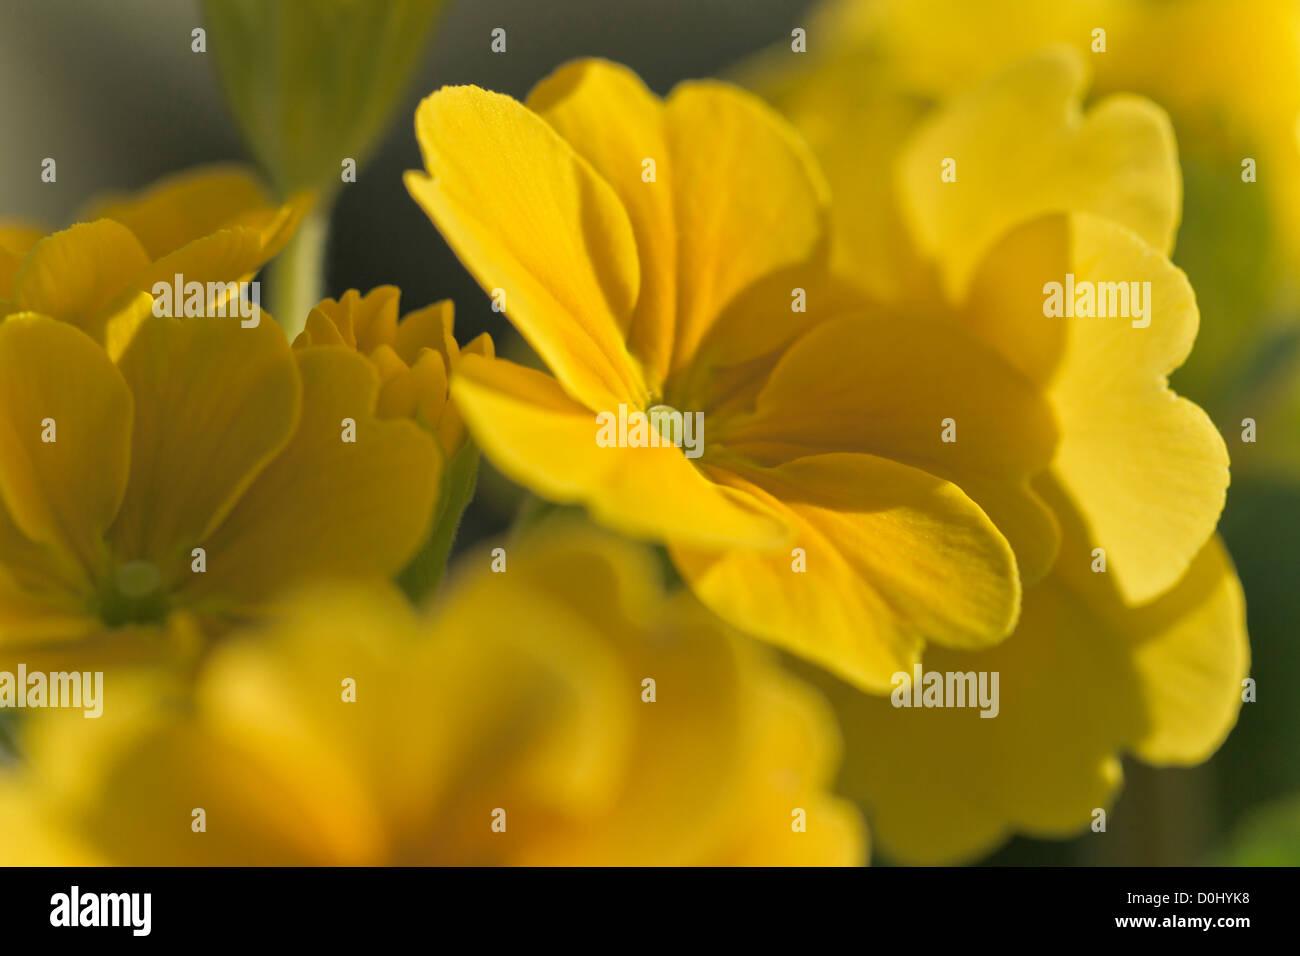 Fiori Gialli Invernali.Fiori Gialli D Inverno Immagini Fiori Gialli D Inverno Fotos